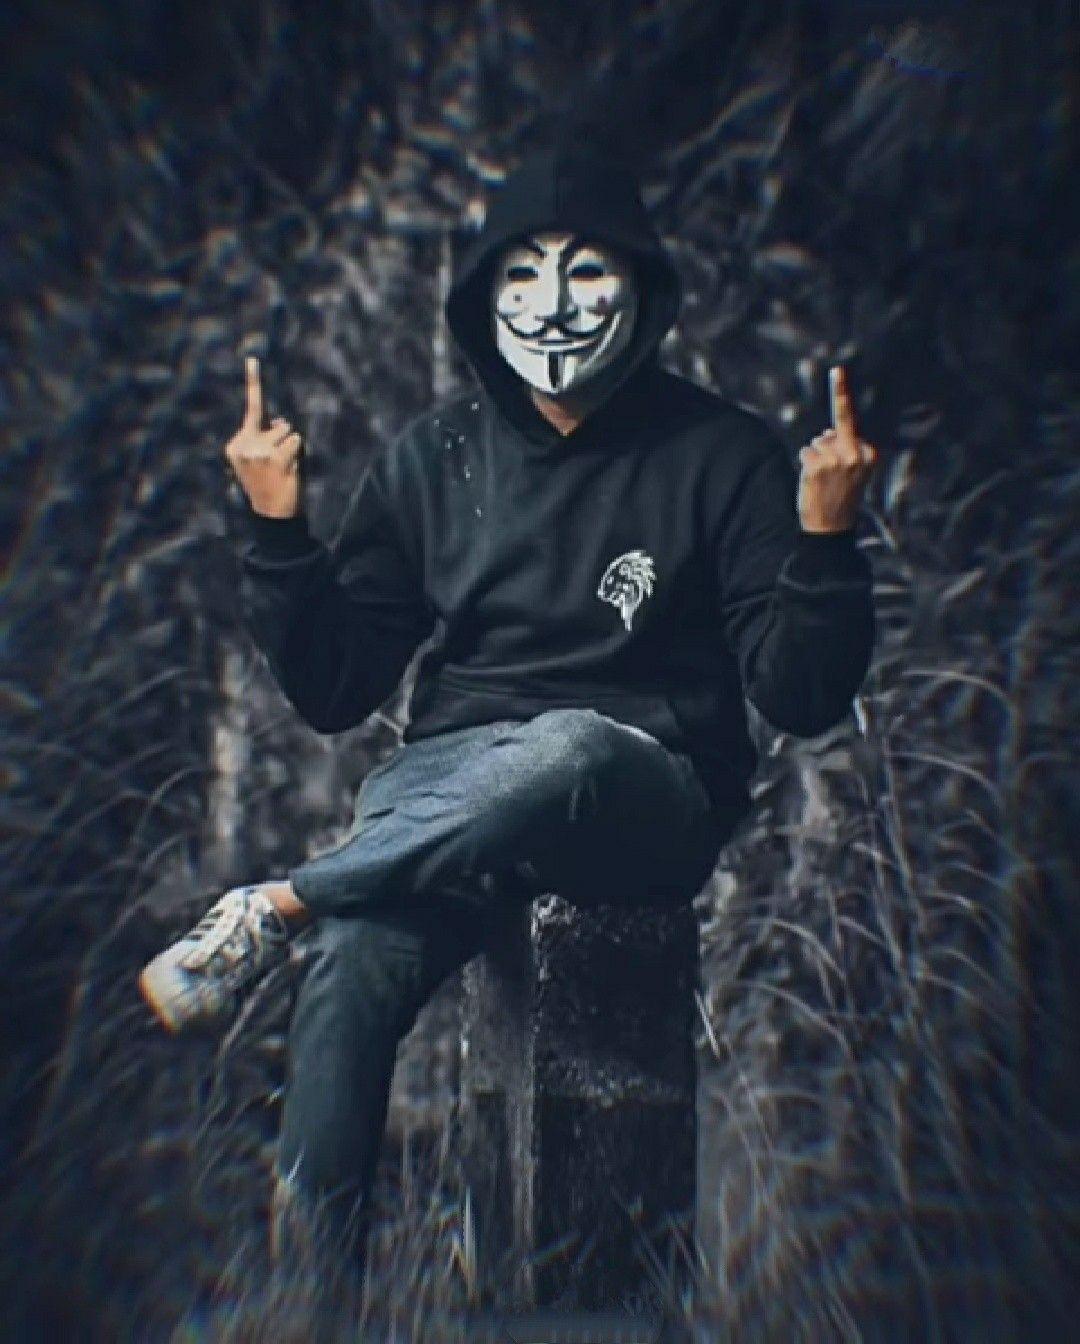 Makehackerth Komik Anak Pengeditan Foto Gambar Karakter Hacker joker mask wallpaper